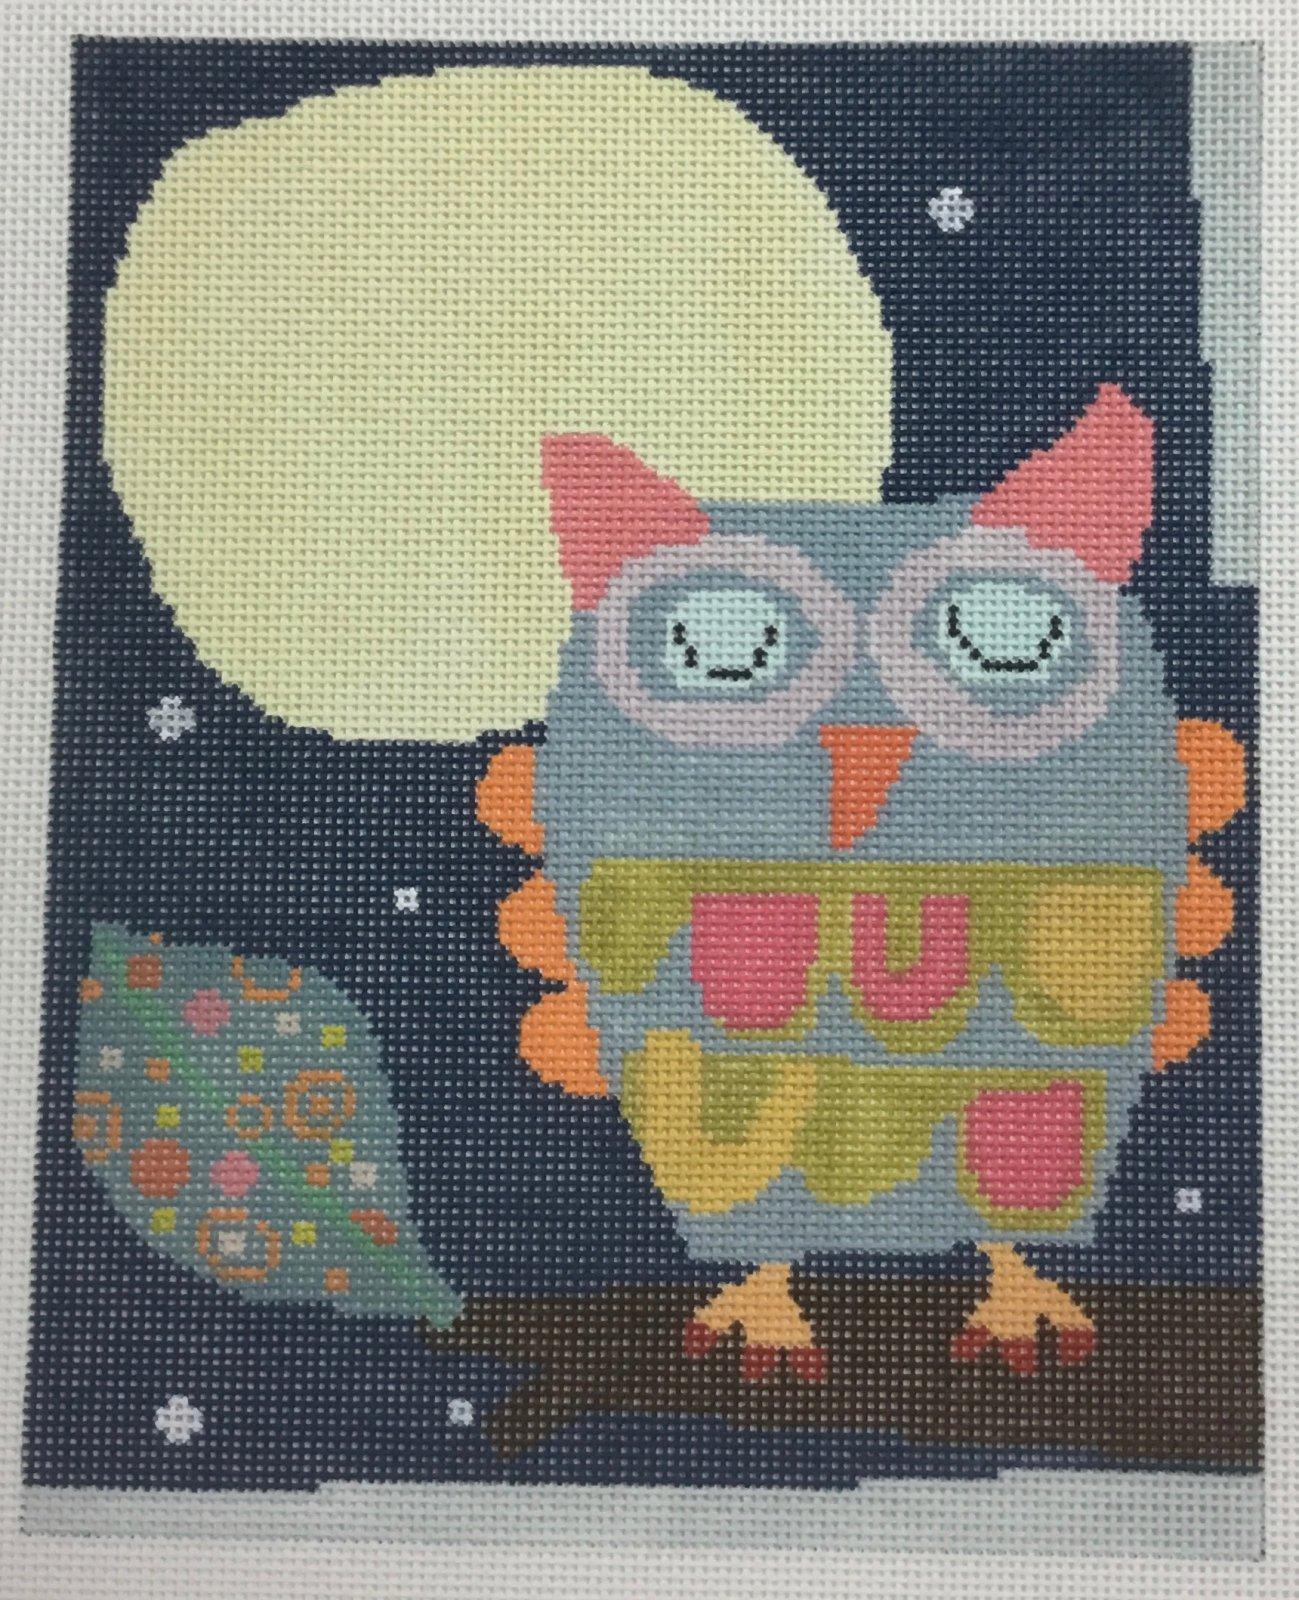 Owl in Moonlight, 13 ct., 8 x 9.5